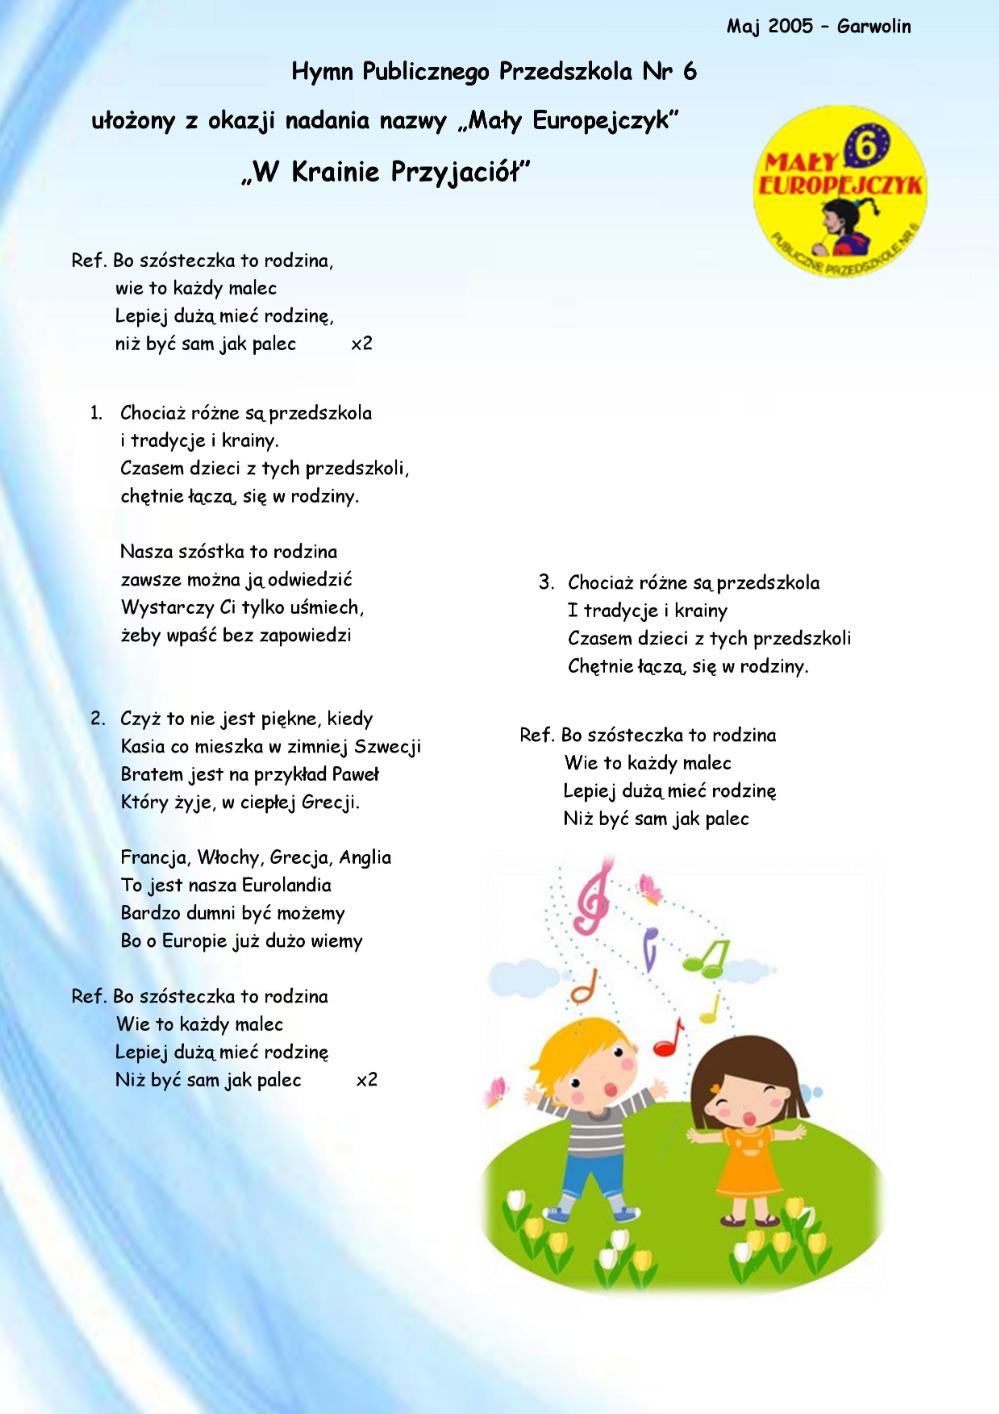 Hymn przedszkola Mały Europejczyk